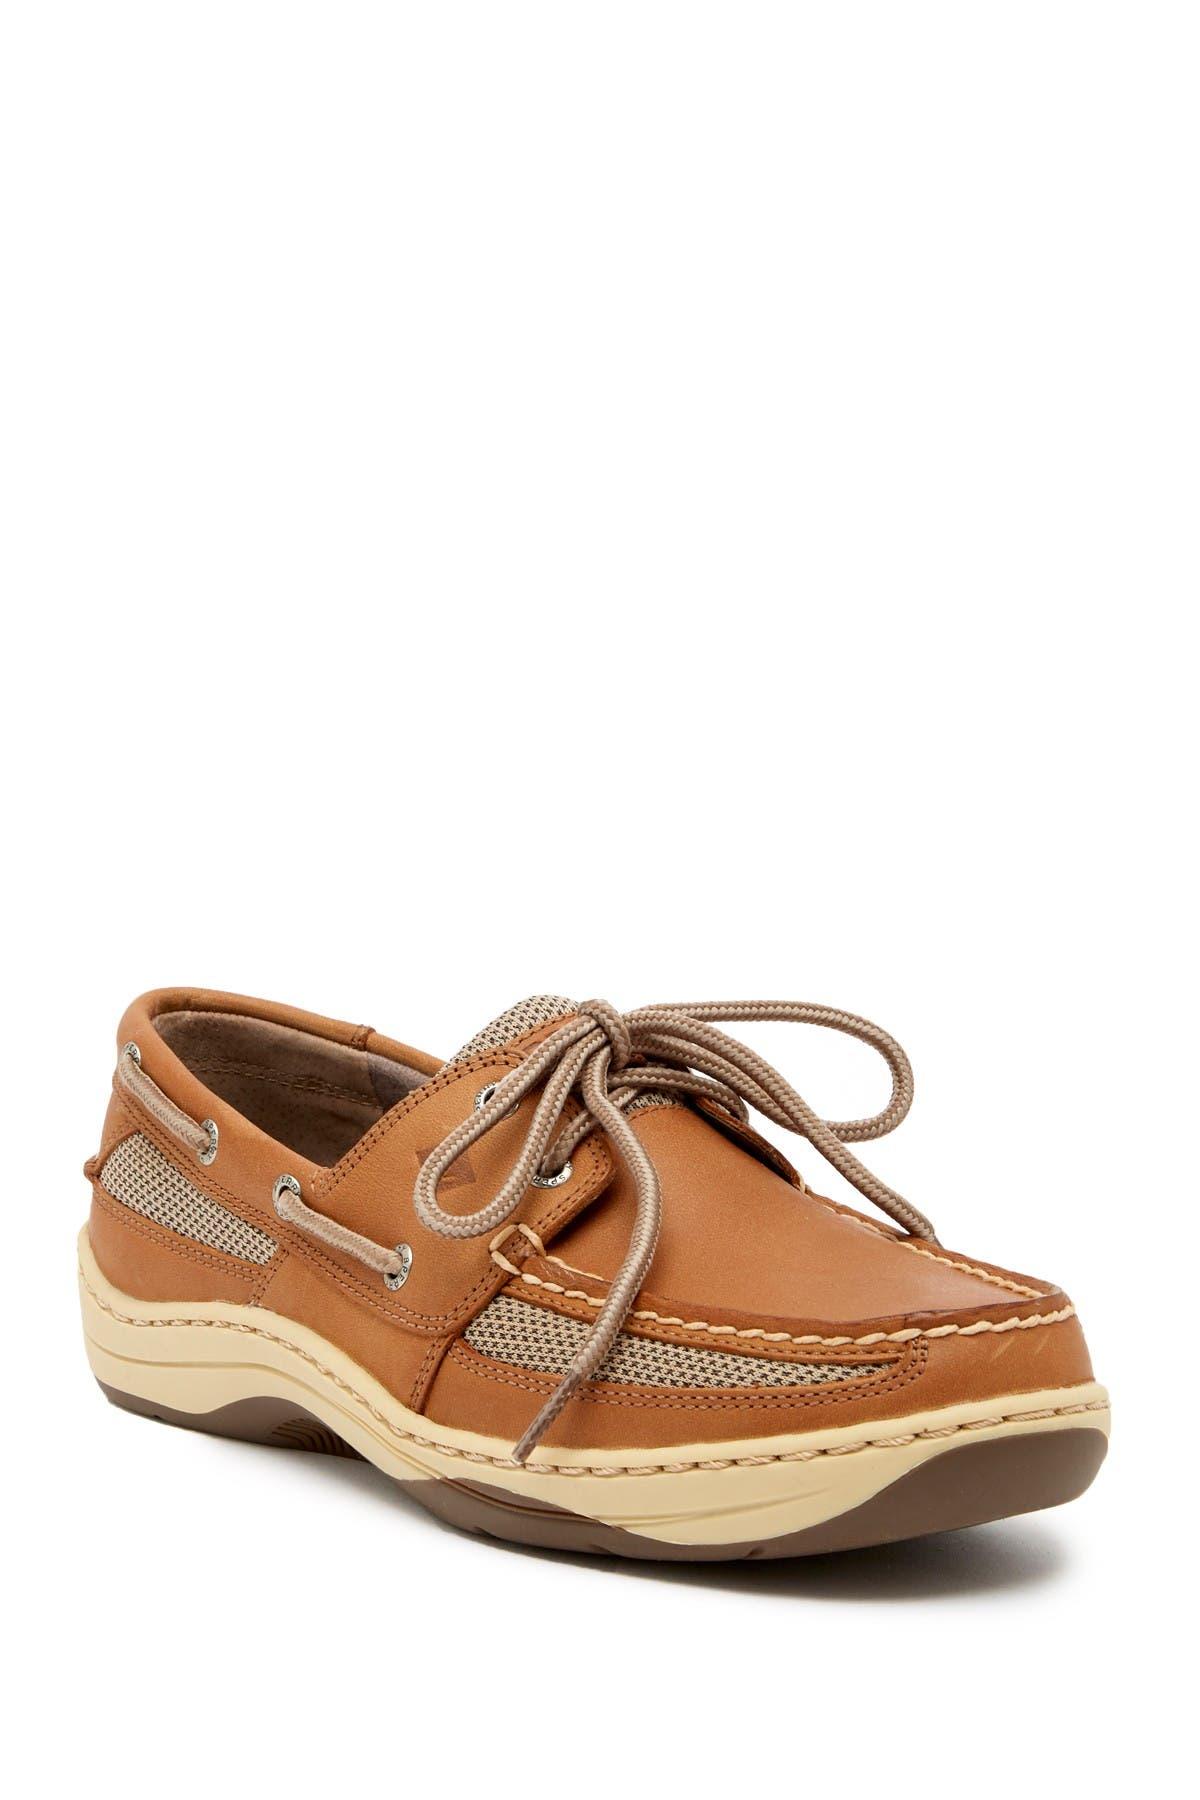 Sperry | Tarpon 2-Eye Boat Shoe - Wide